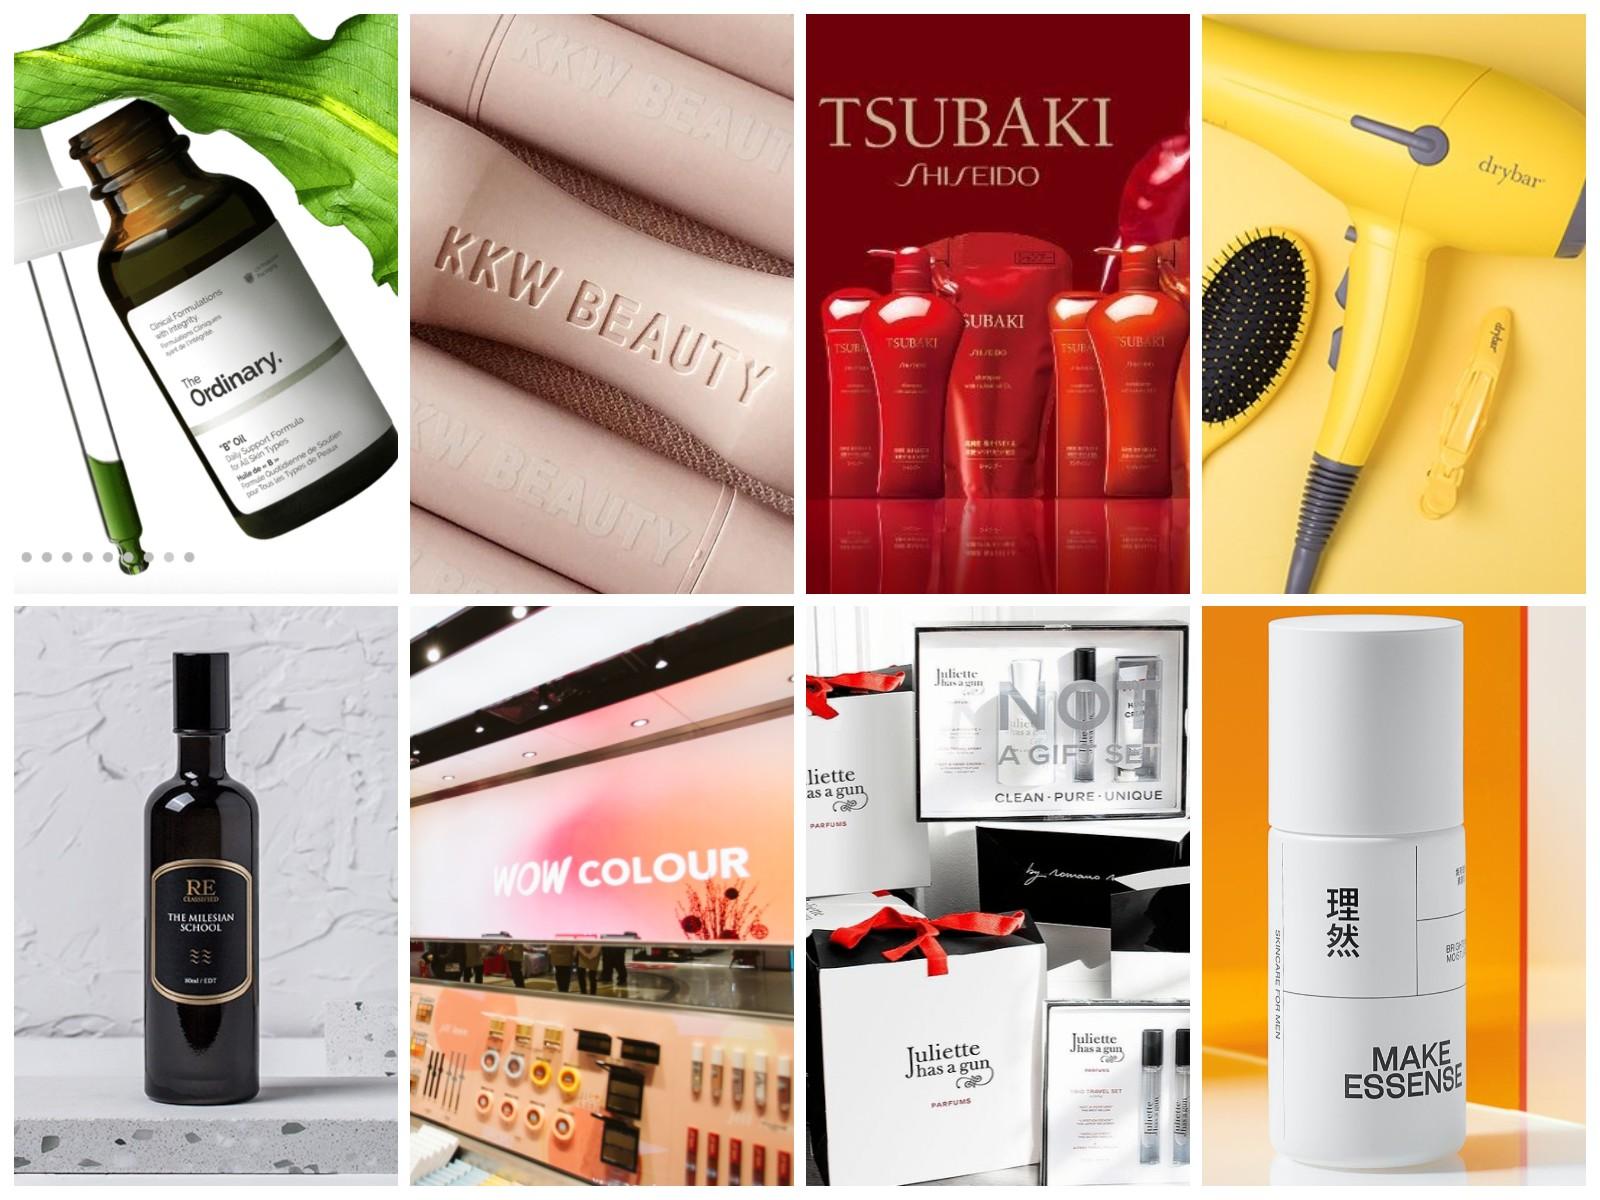 美妆投资大热,中国与海外的侧重有何异同?《华丽志》独家盘点今年一季度全球美妆57笔投资并购交易